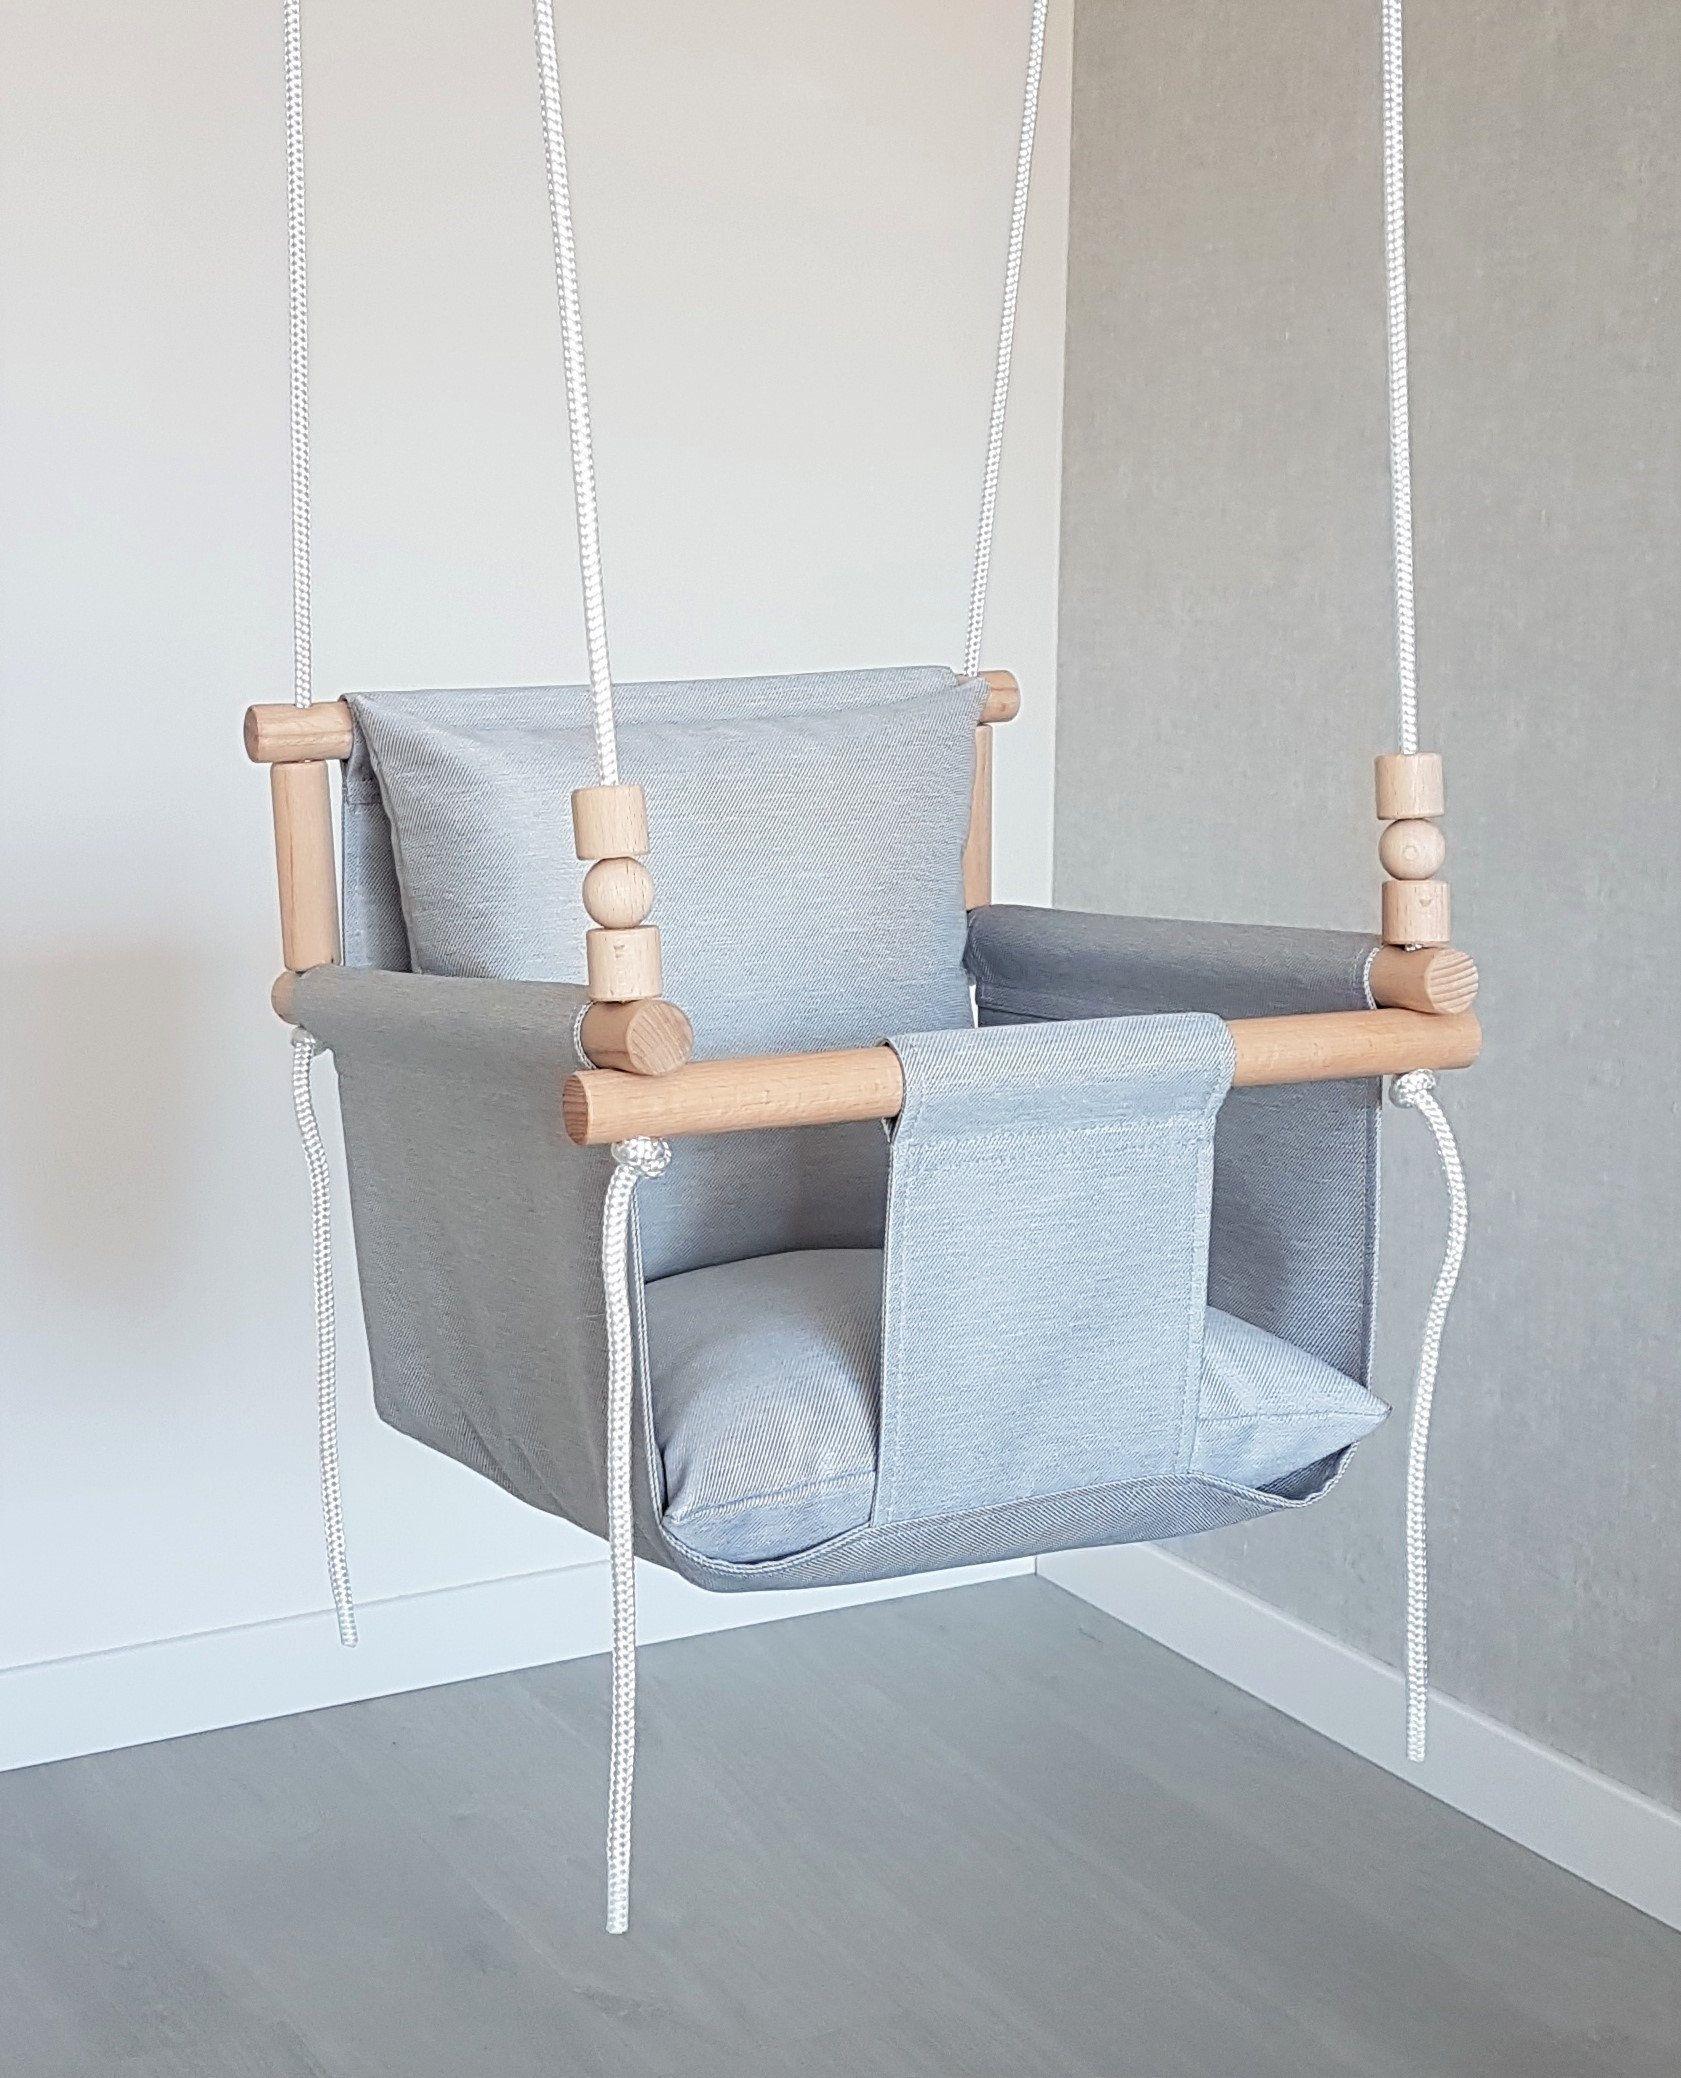 Photo of A PRUEBA DE TIEMPO gris claro / diseño cómodo columpio para bebé / columpio al aire libre / columpio para niños pequeños / primer regalo de cumpleaños / silla / hamaca / columpio para niños